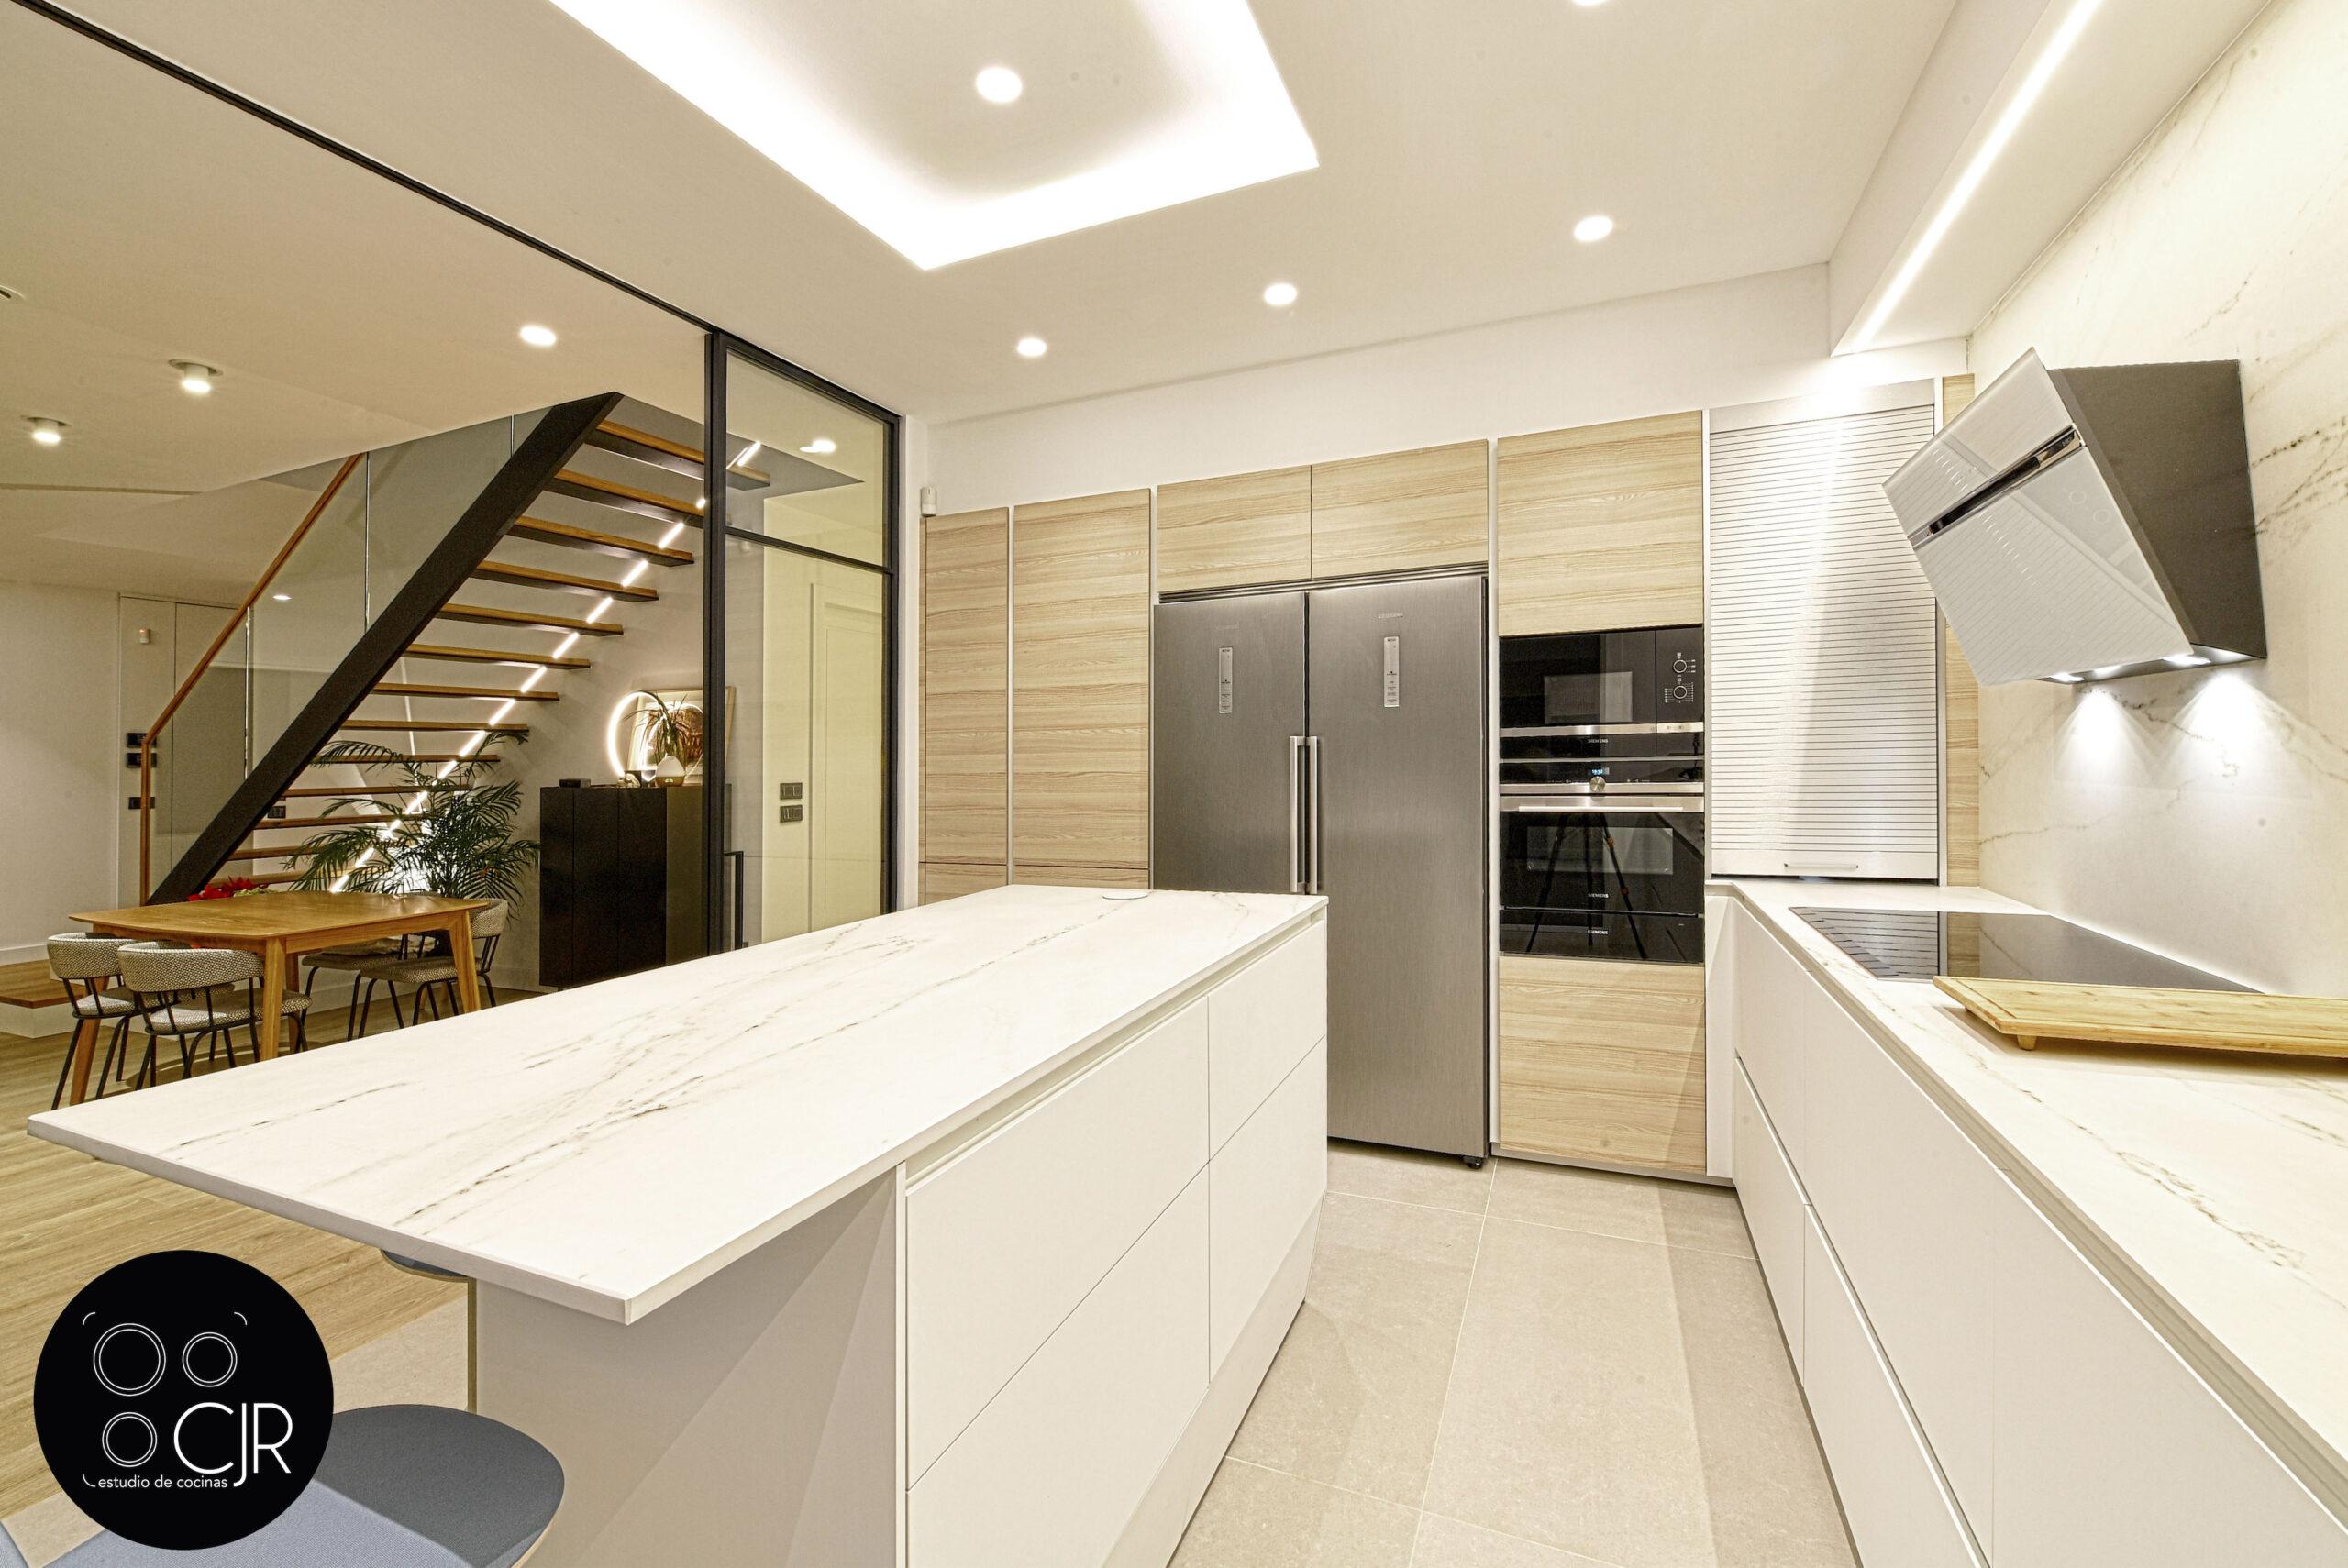 Cocina y parte del salón Cocina con isla blanca y madera